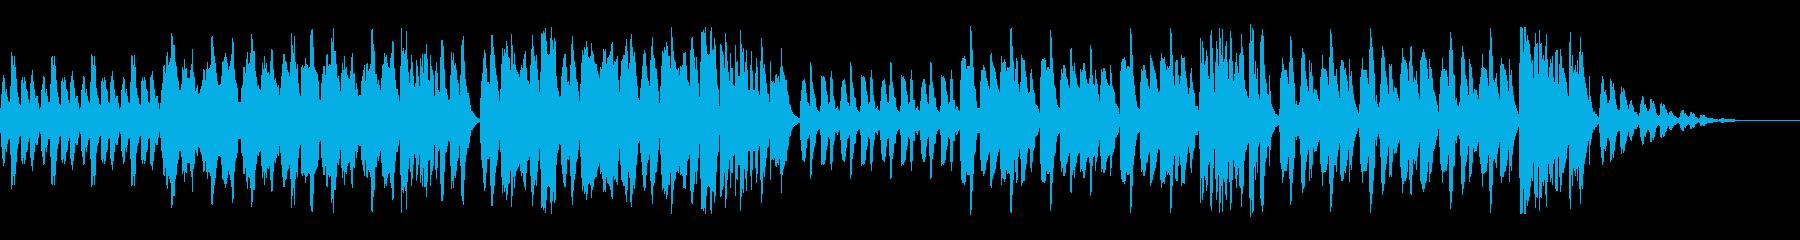 コメディチックなオーケストラの再生済みの波形